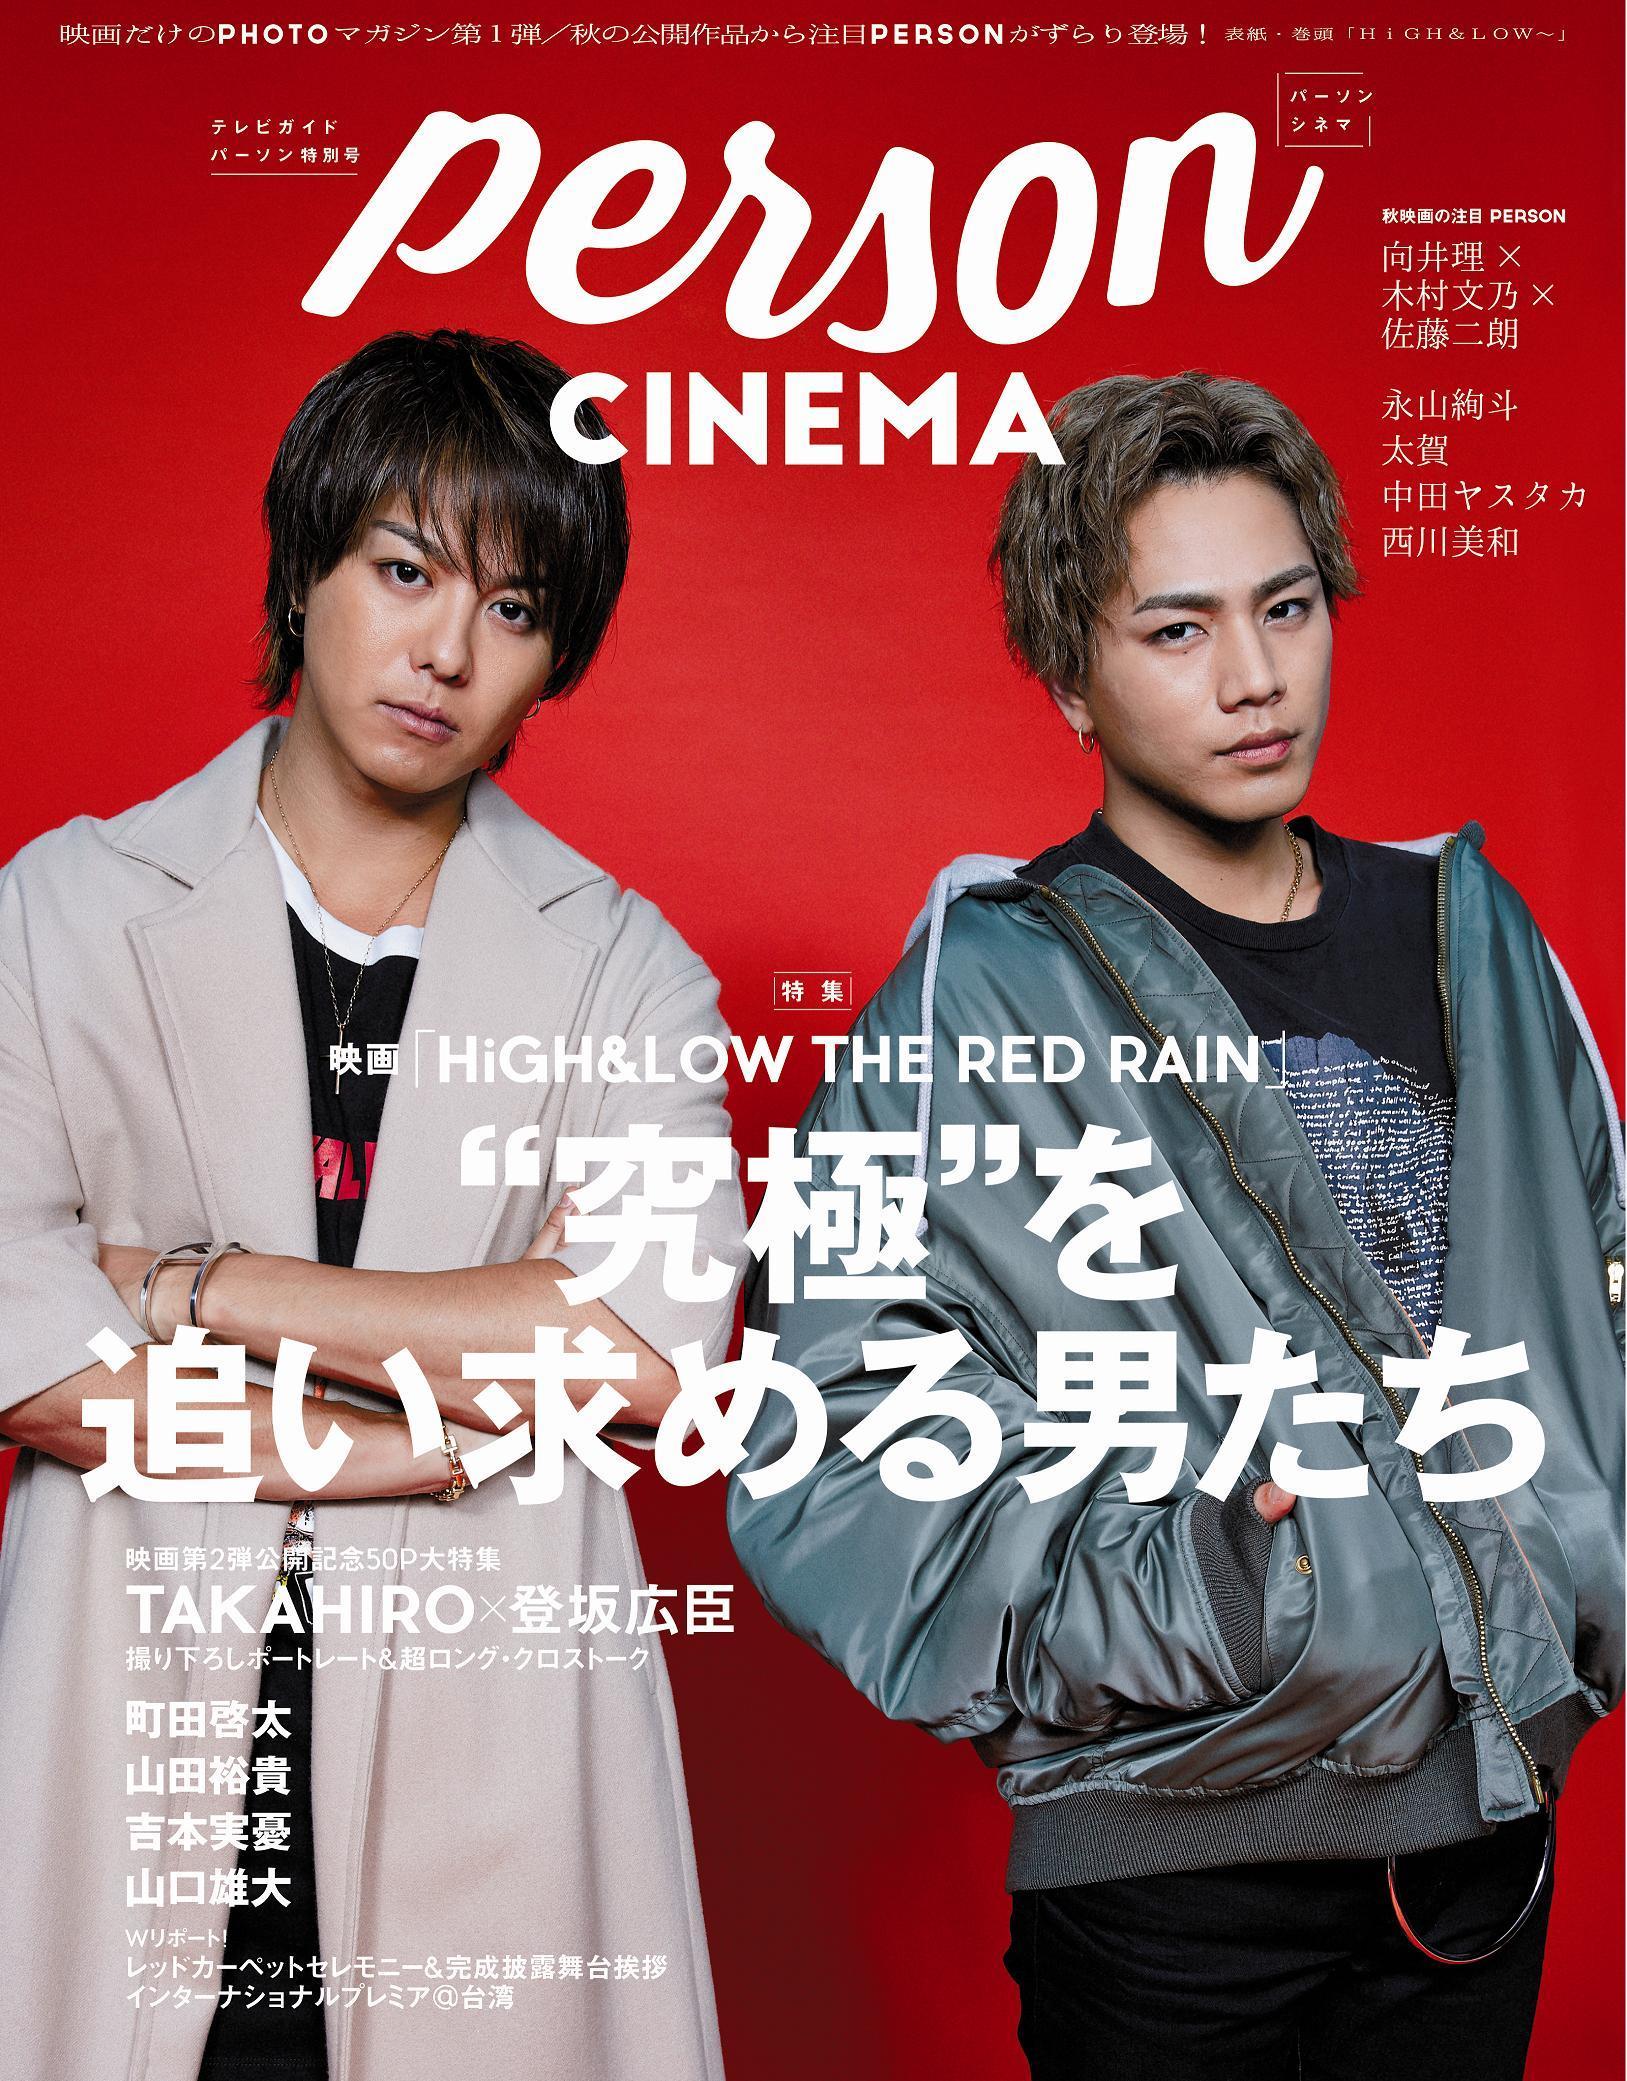 『PERSON CINEMA』(東京ニュース通信社刊)